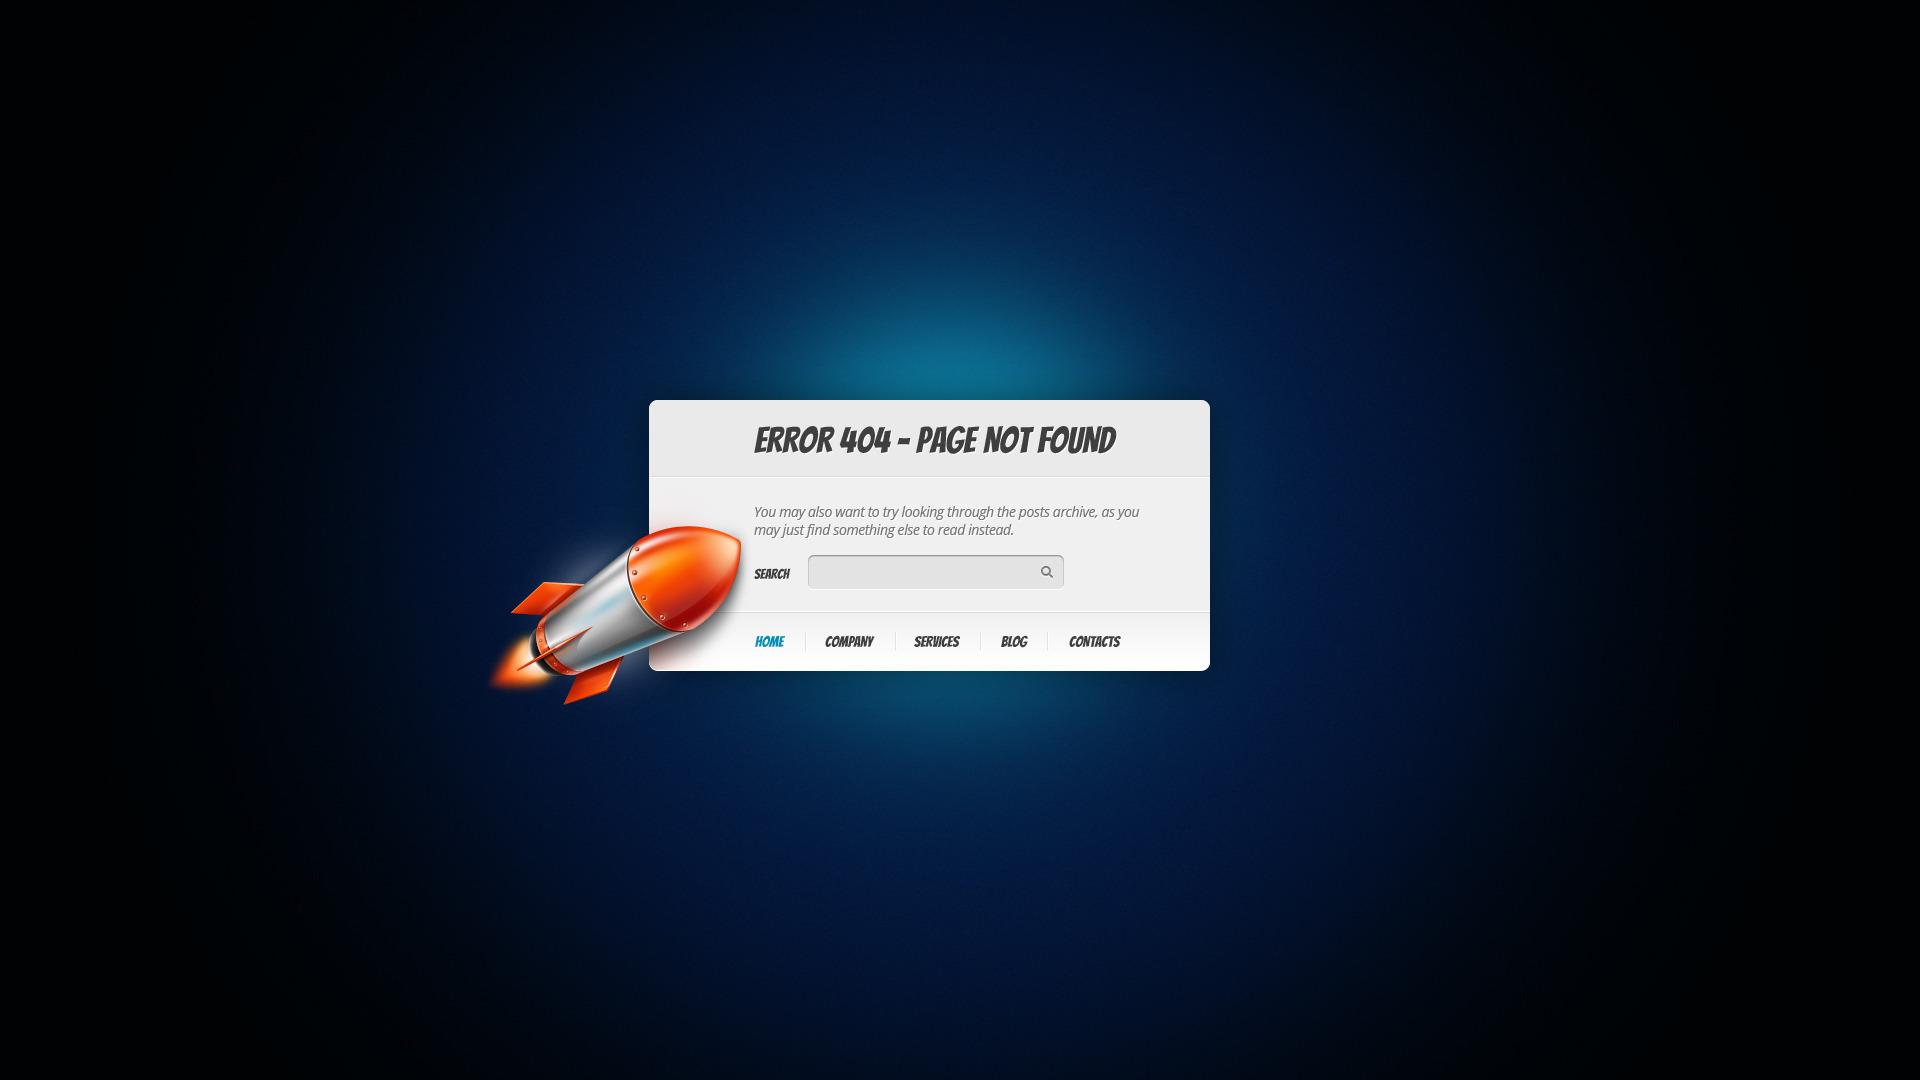 Rocket - 404 Error Page